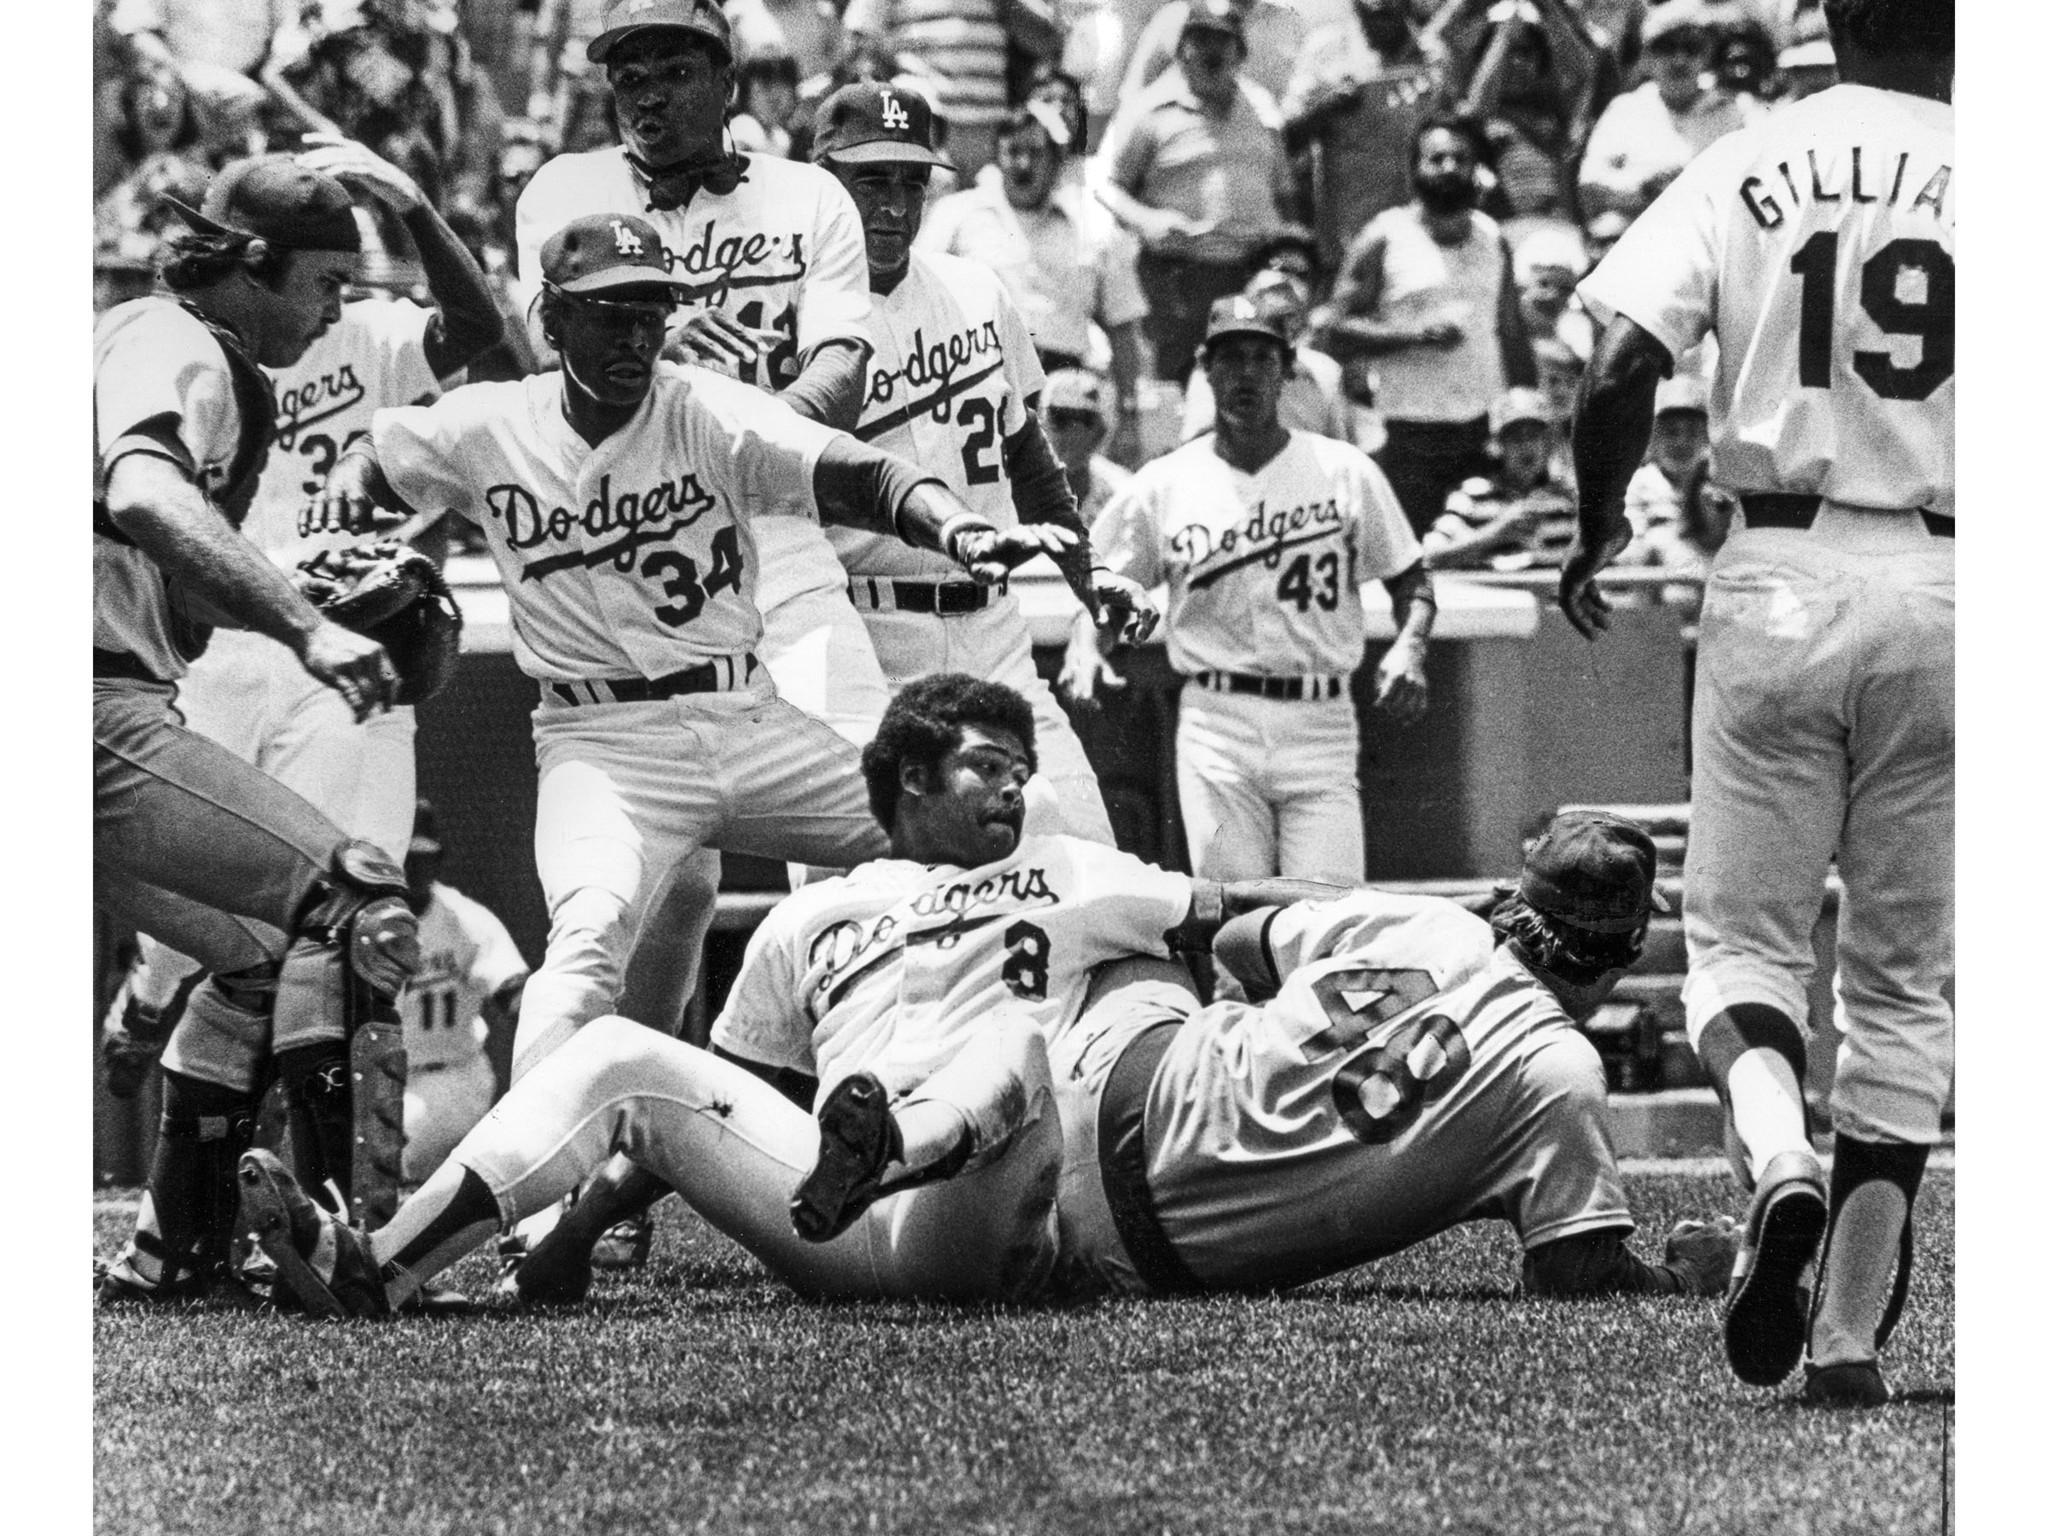 June 19, 1977: Dodgers' Reggie Smith (#8), still trying to get Cubs' pitcher Rick Reuschel after